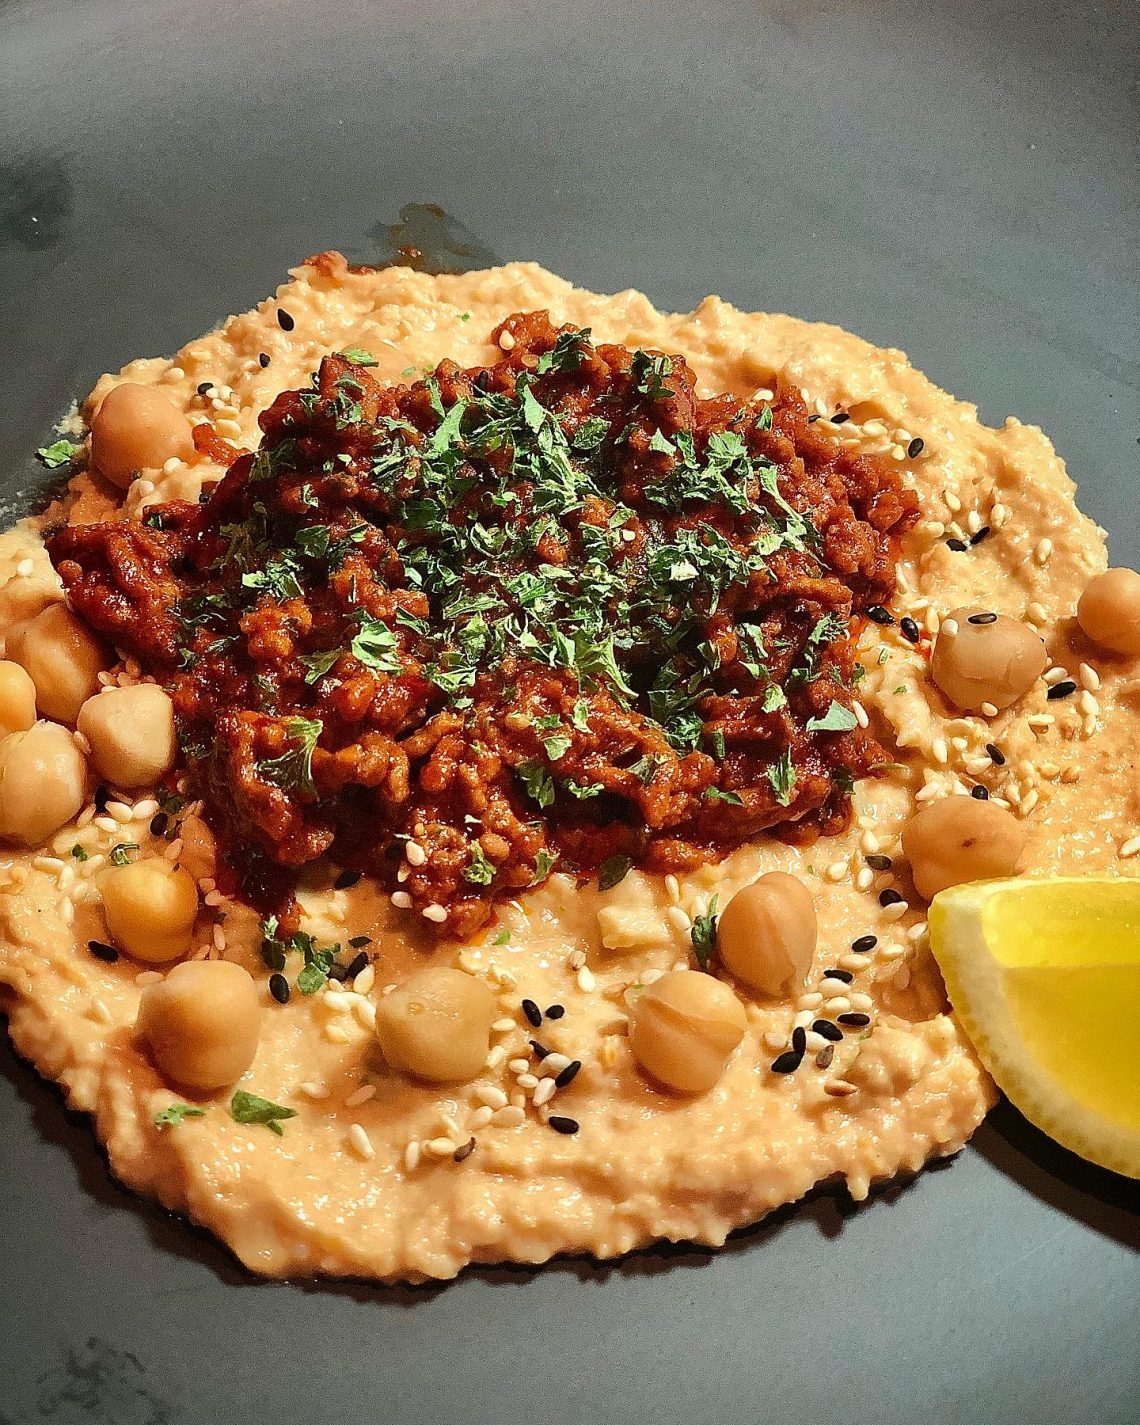 Hamshuka israelisches Soulfood